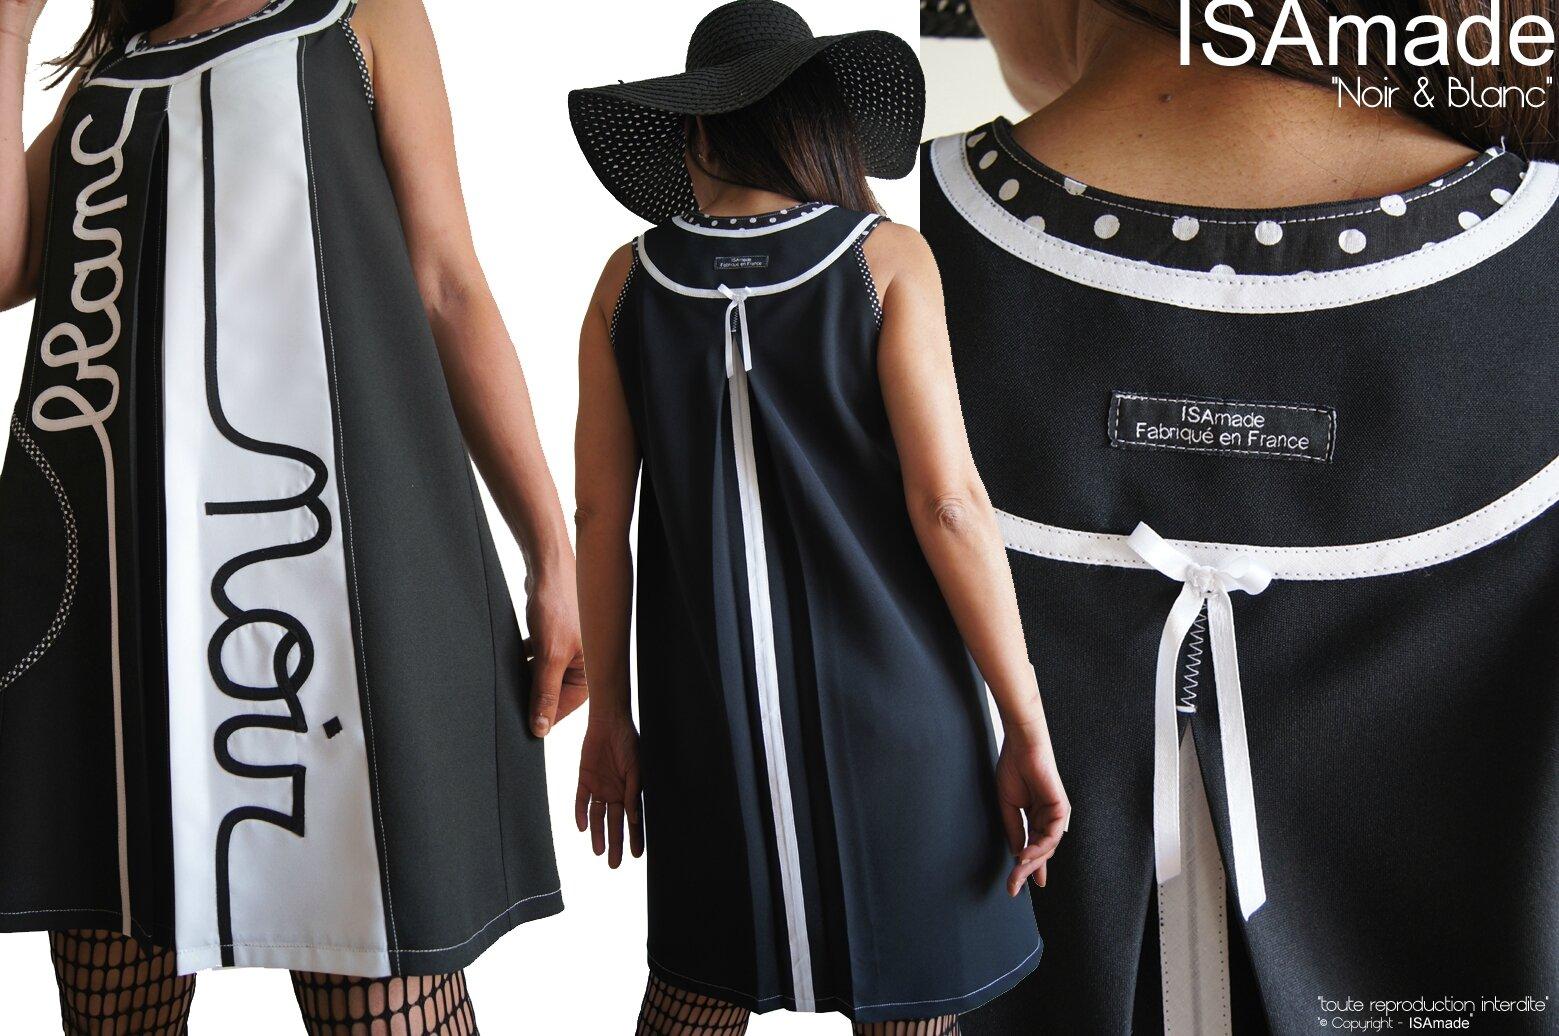 Robe trapèze Bicolore Noir Blanc Tendance Femme 2015 Graphique et applications Stylisées Noir et blanc Cousues